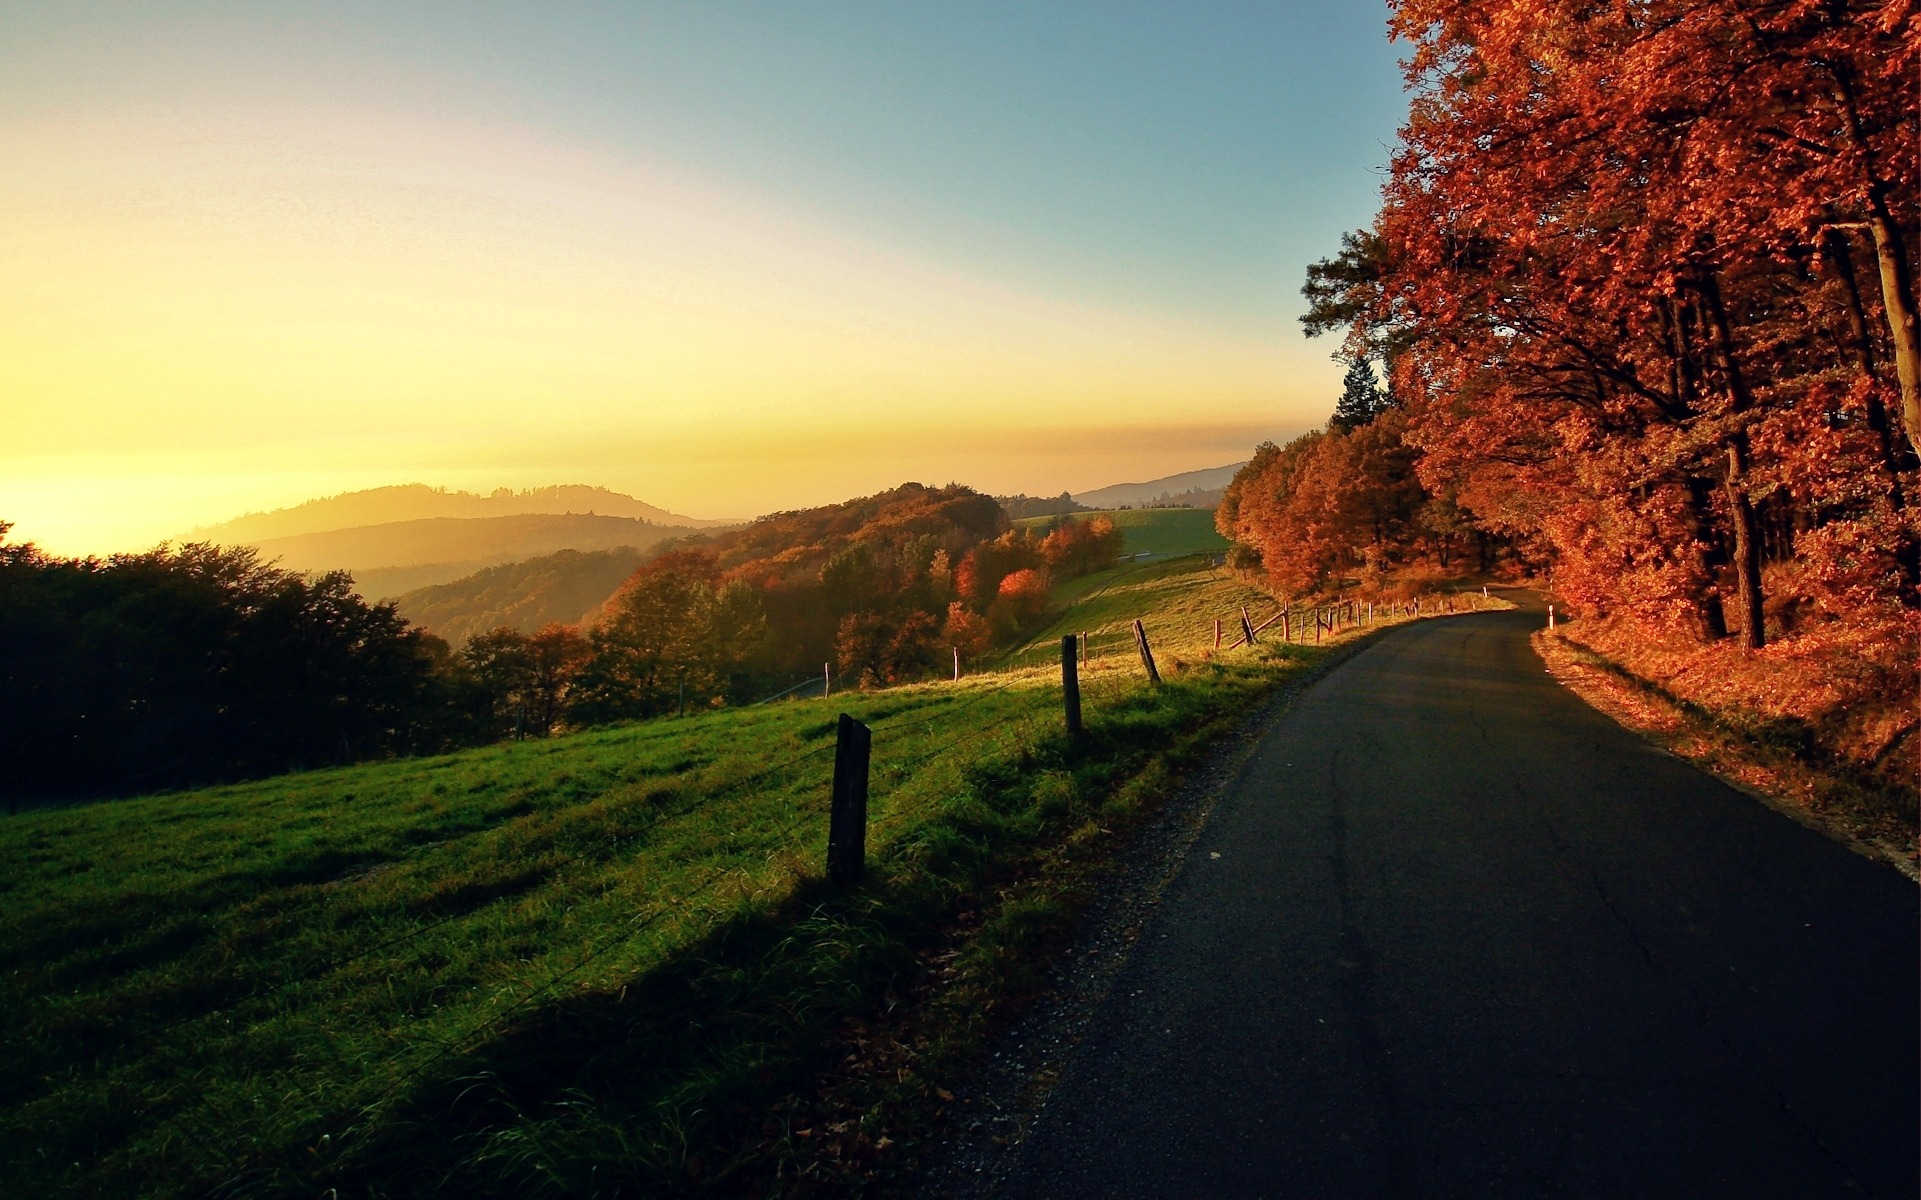 дорога горизонт даль горы  № 3816683 загрузить